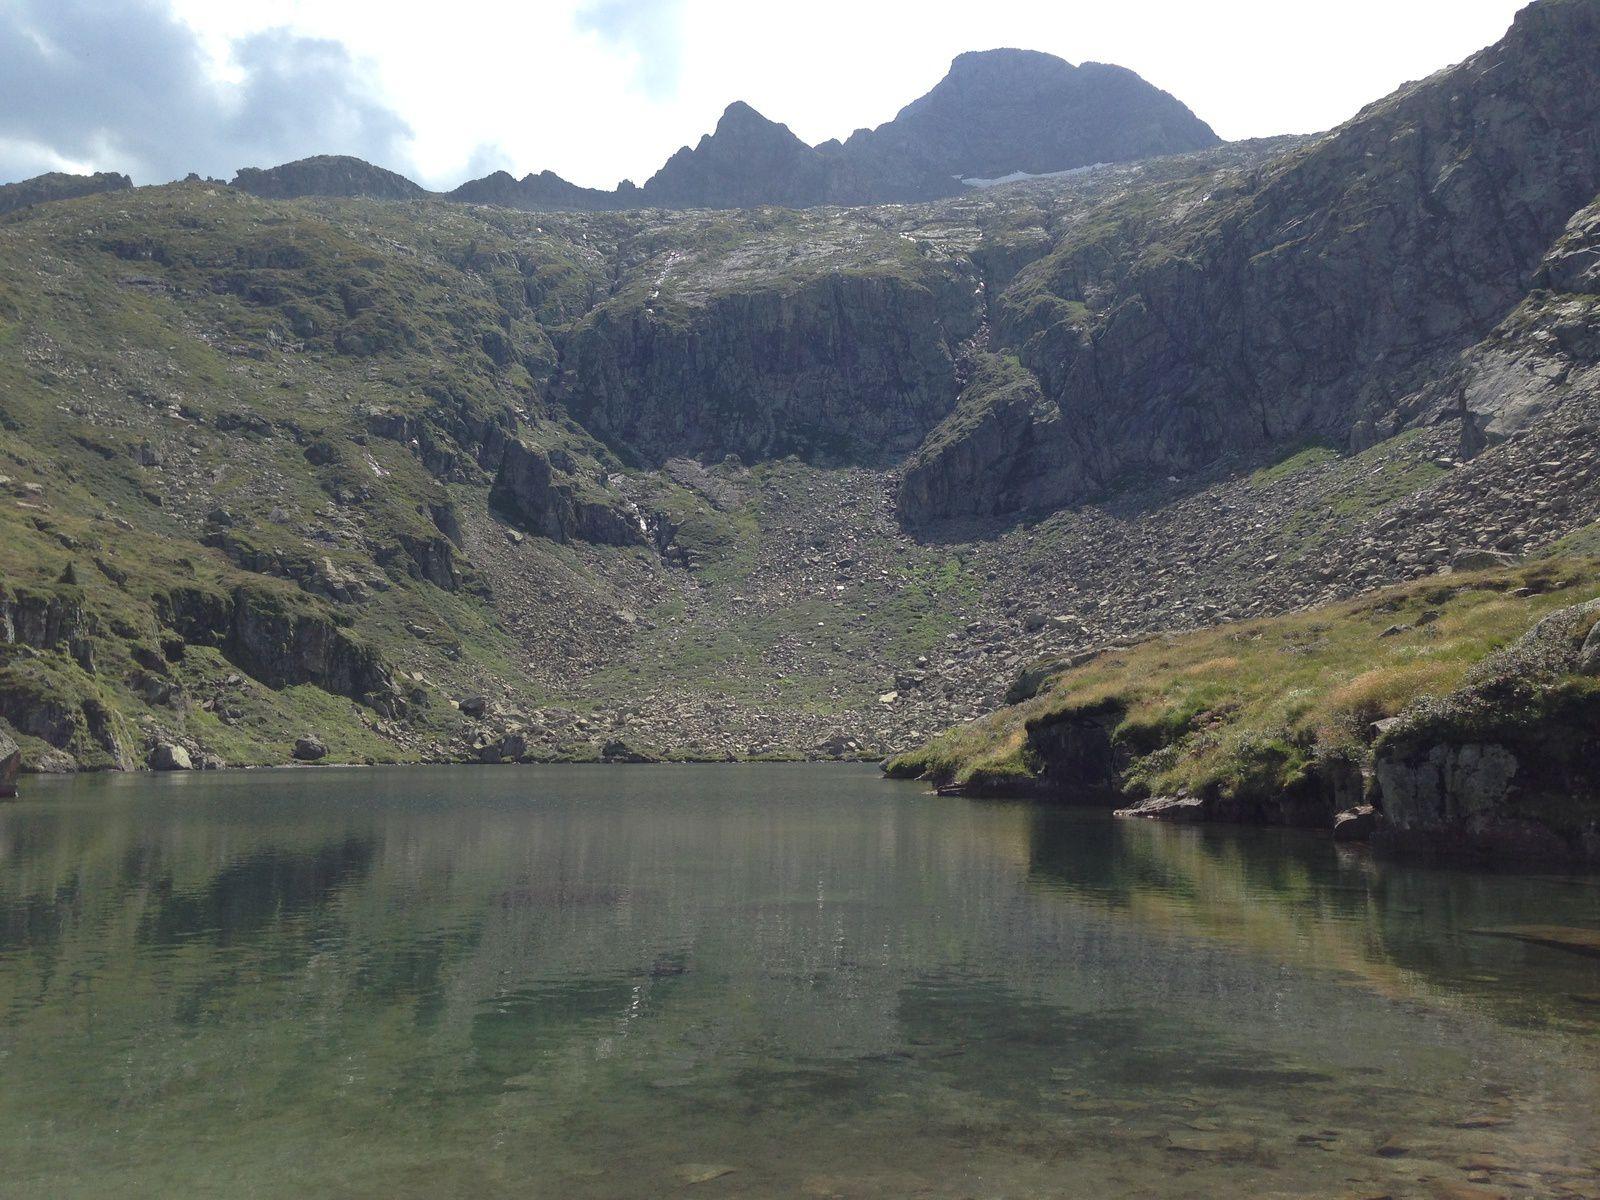 L'Etang d'ARAUECH (1.971m) au pied du VALIER. La baignade s'est imposée à moi.